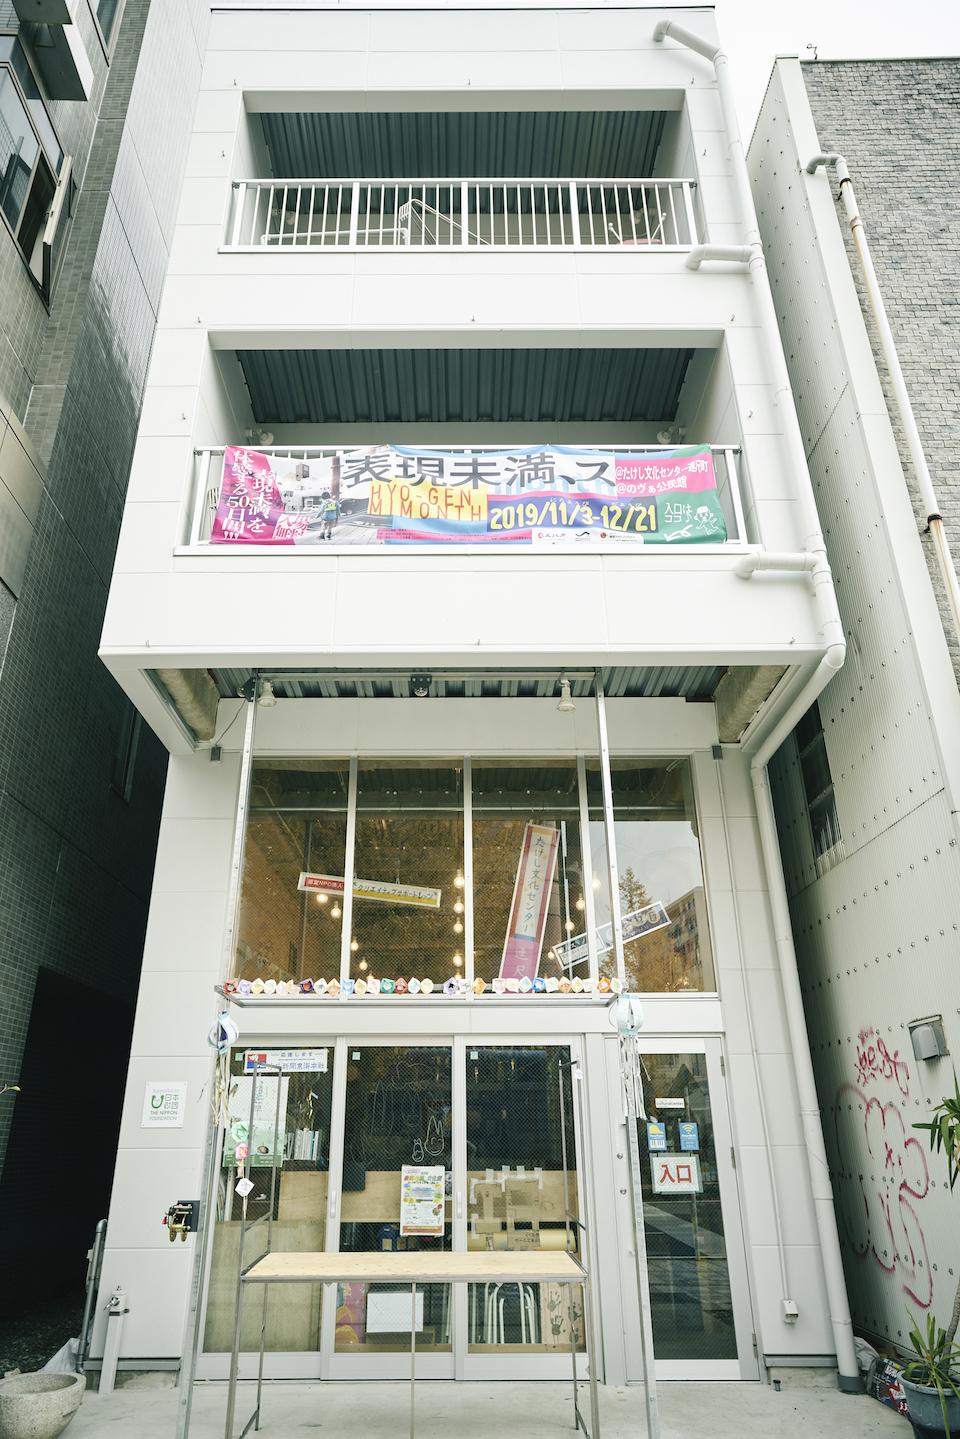 (写真について)浜松駅から徒歩10分の繁華街にある〈たけし文化センター連尺町〉。